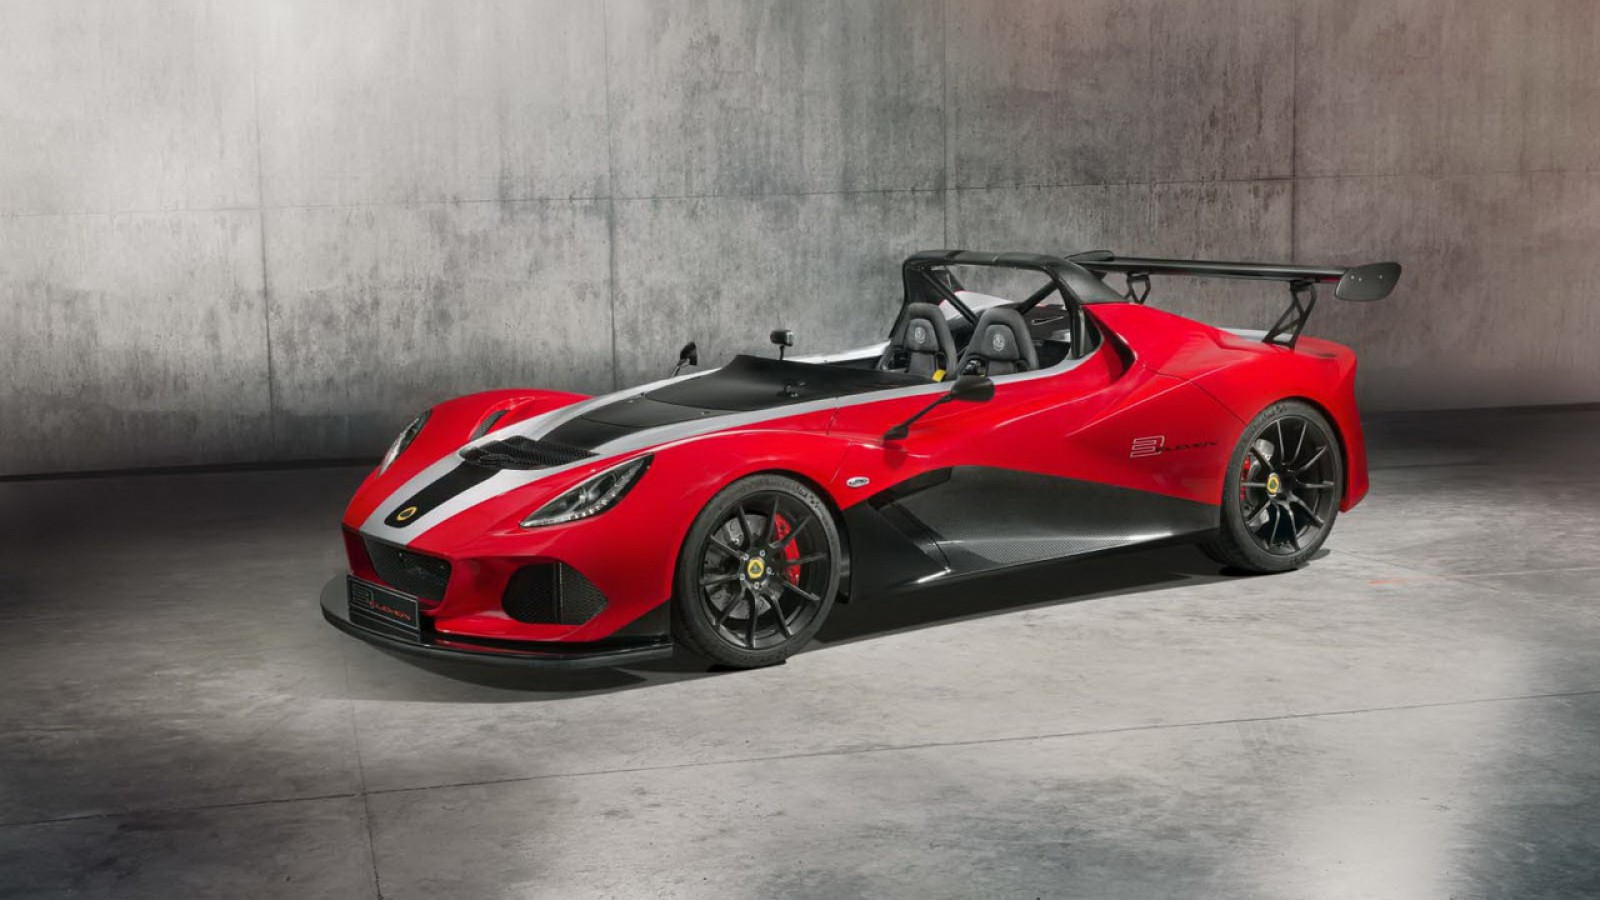 (foto) Premieră: Noul Lotus 3-Eleven 430 este o jucărie cu 436 de CP pentru doar 20 de norocoşi